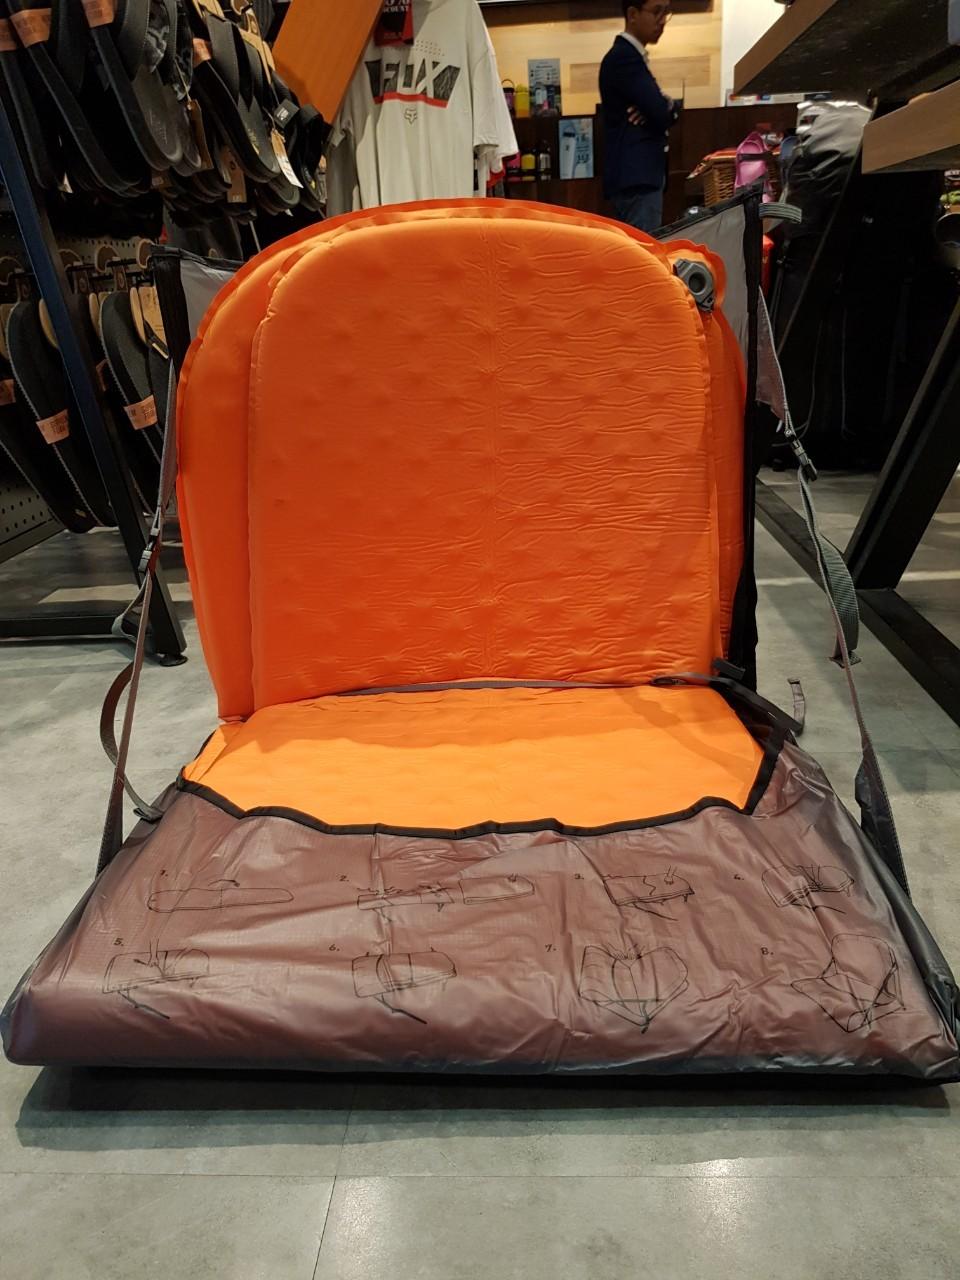 อุปกรณ์เดินป่า, air chair